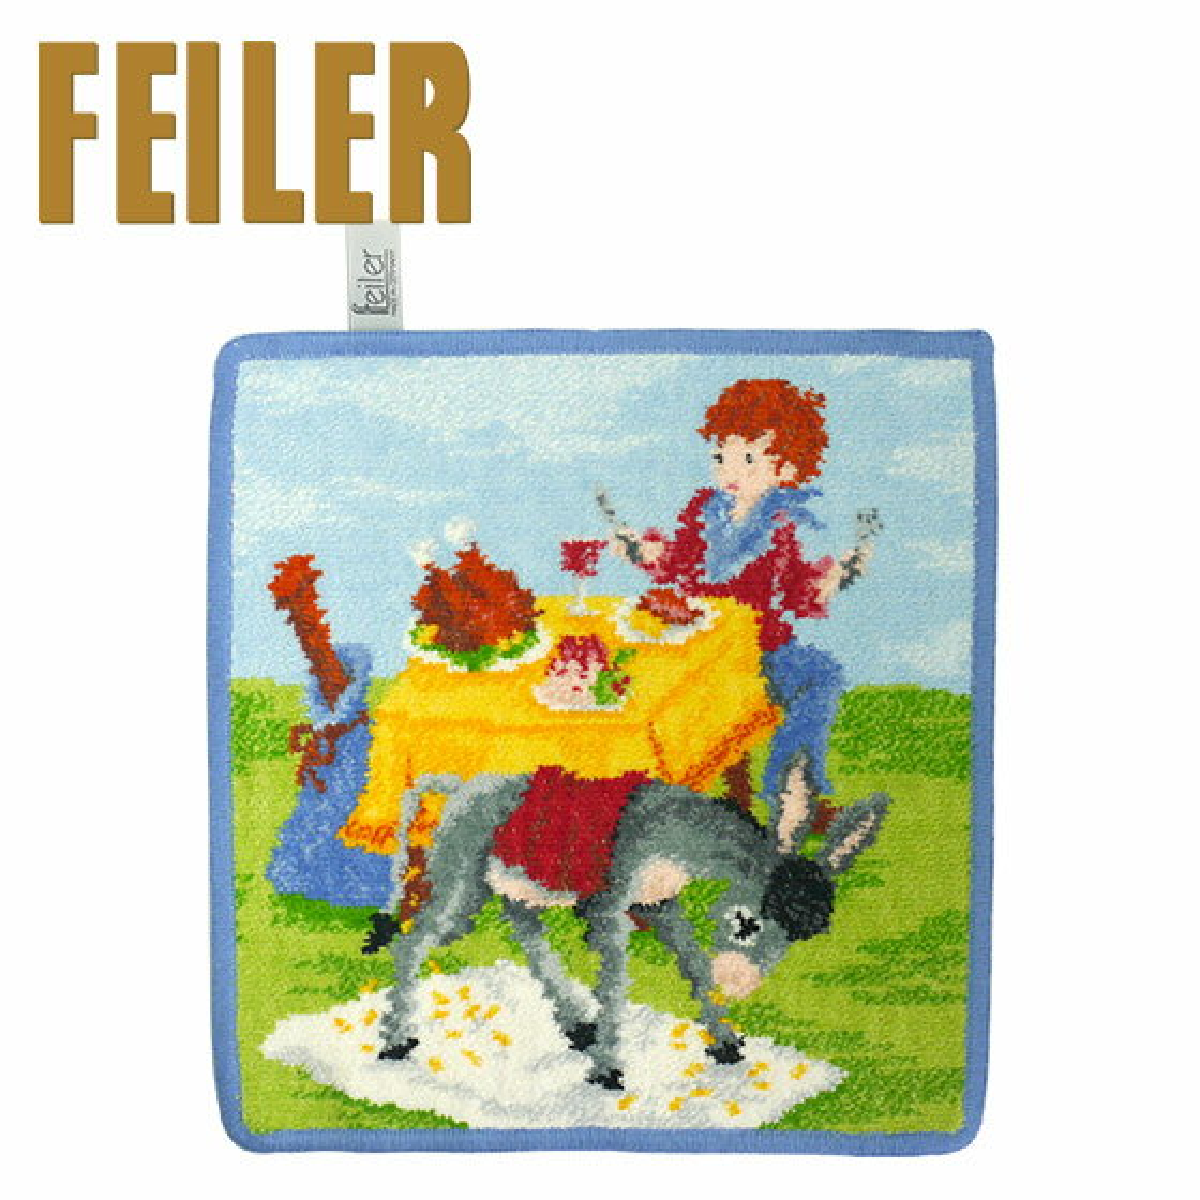 FEILER フェイラー ハンカチ タオル 25cm グリム童話 おぜんやご飯のしたくと金貨を生む騾馬と棍棒袋から出ろ Wash Cloth Towel Fairy tales ギフト・のし可